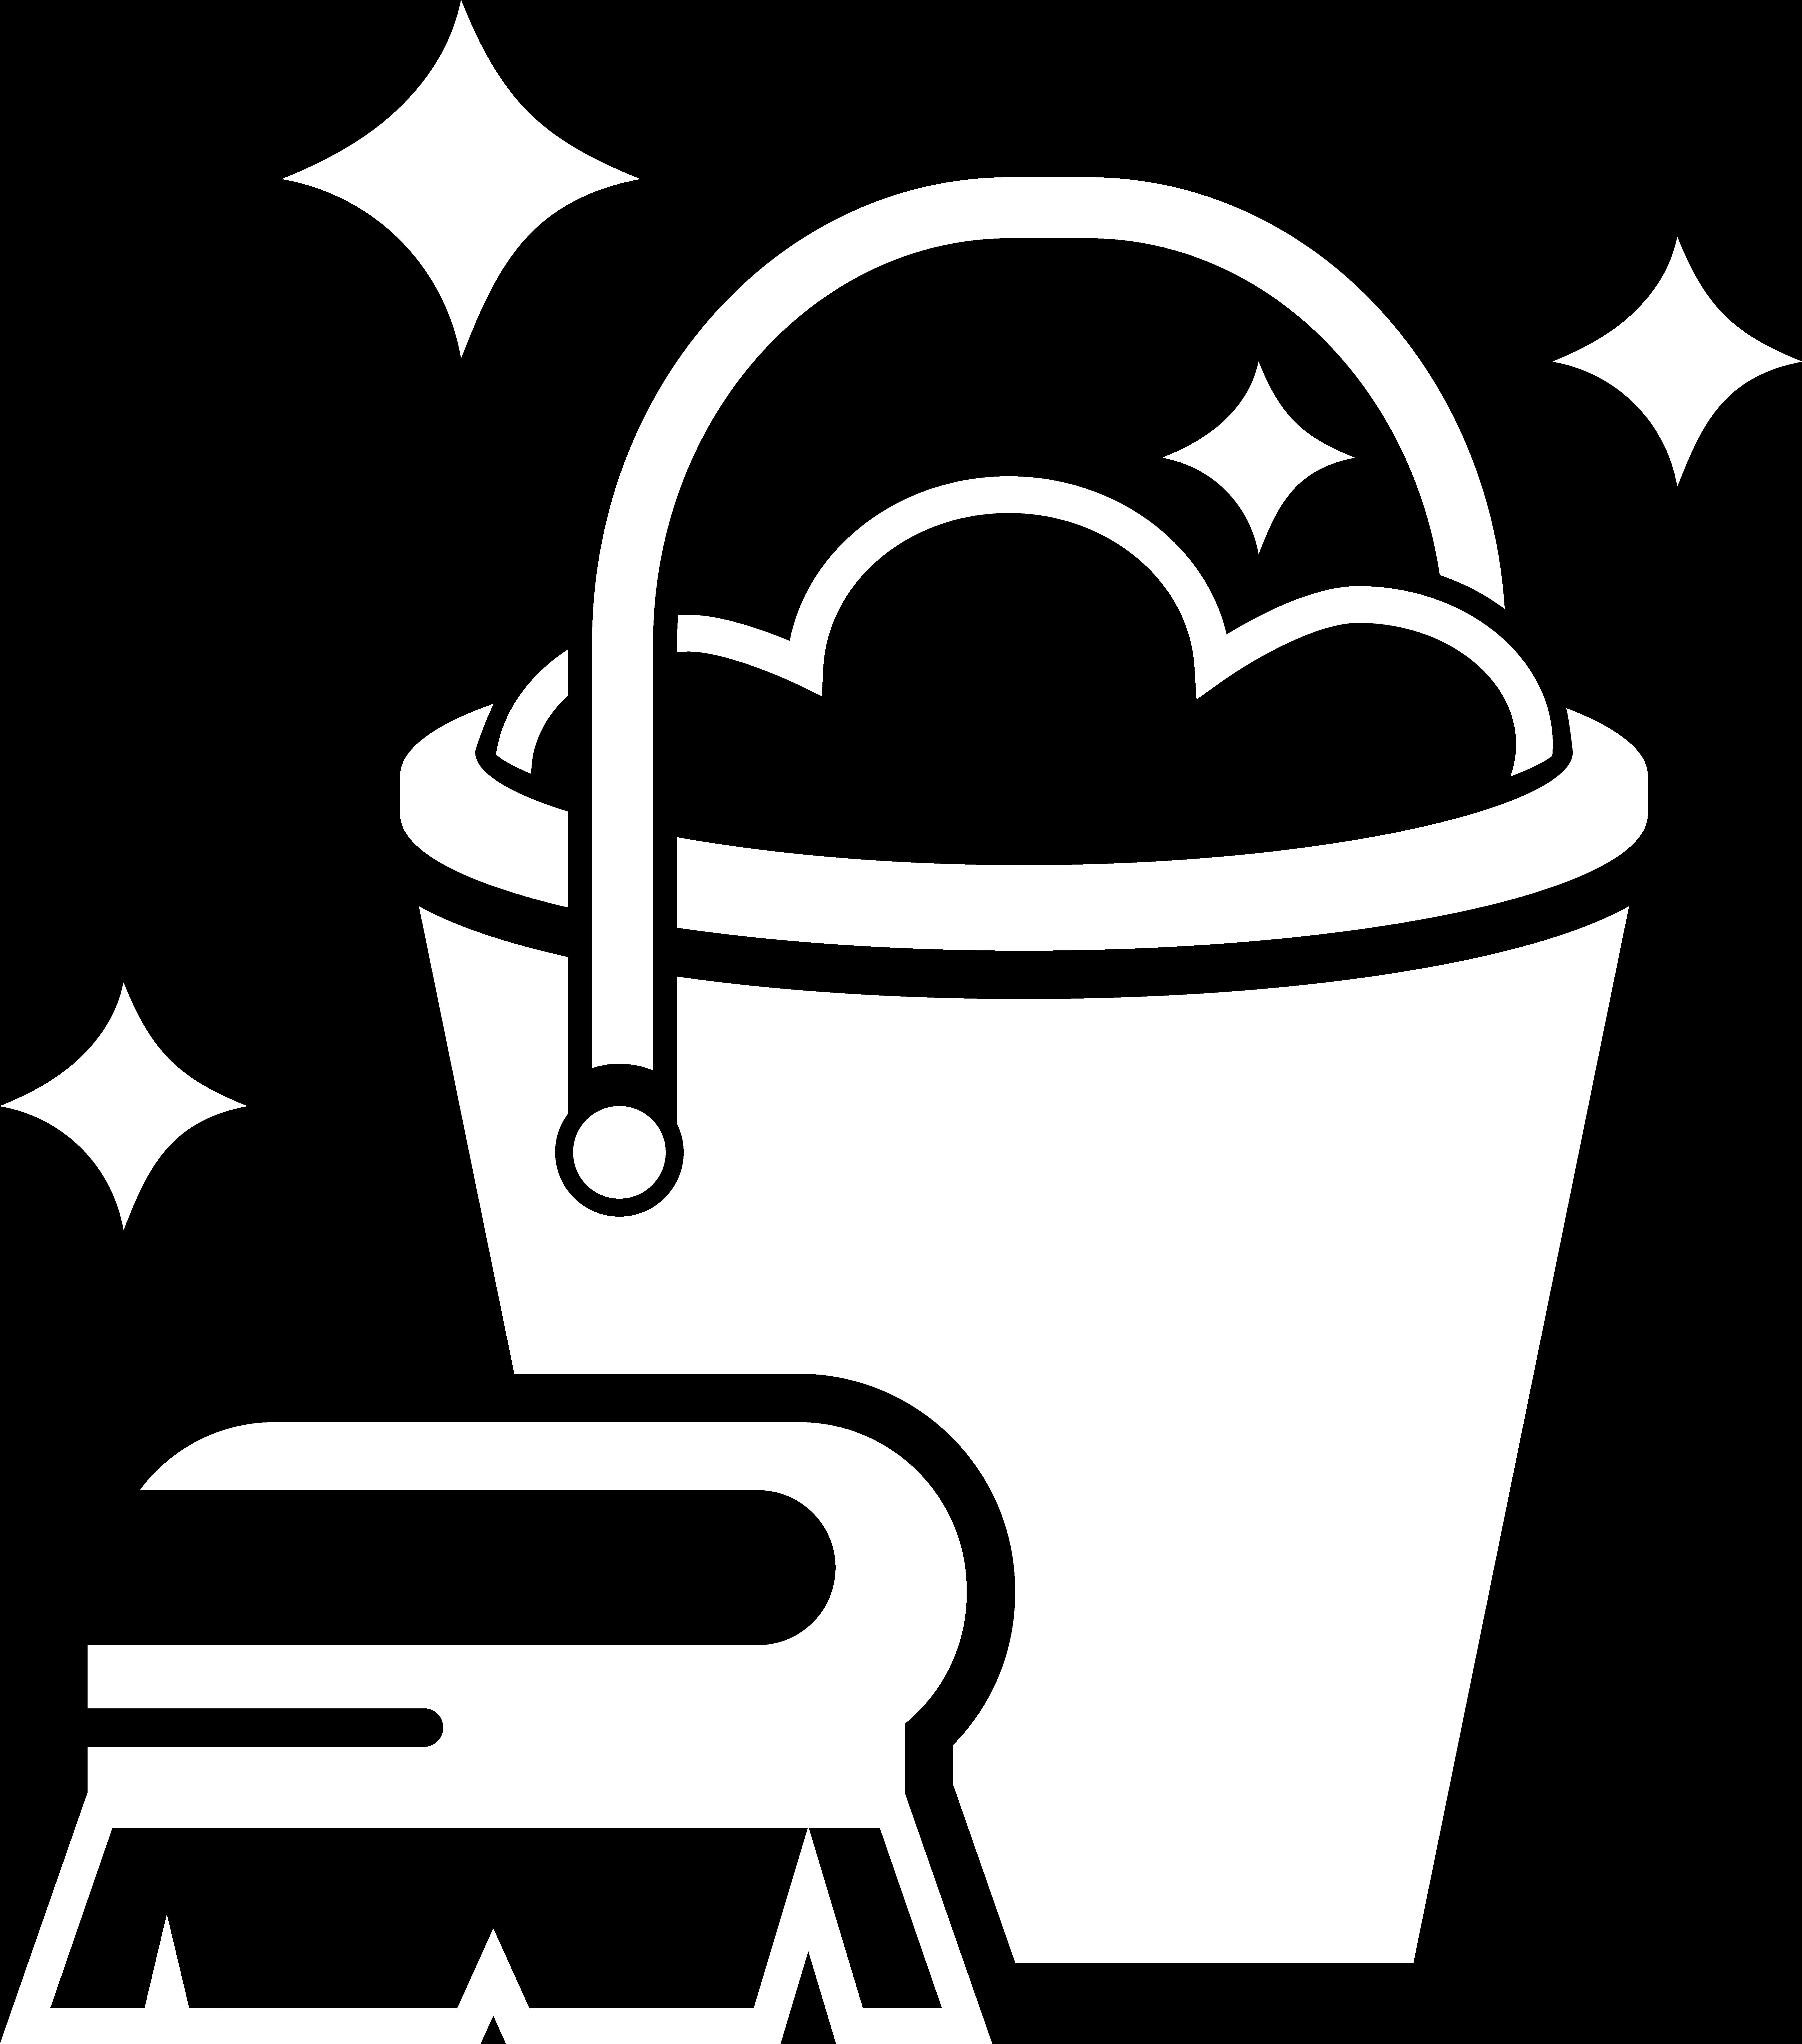 icon-reinigung-gjl-dienstleistungen